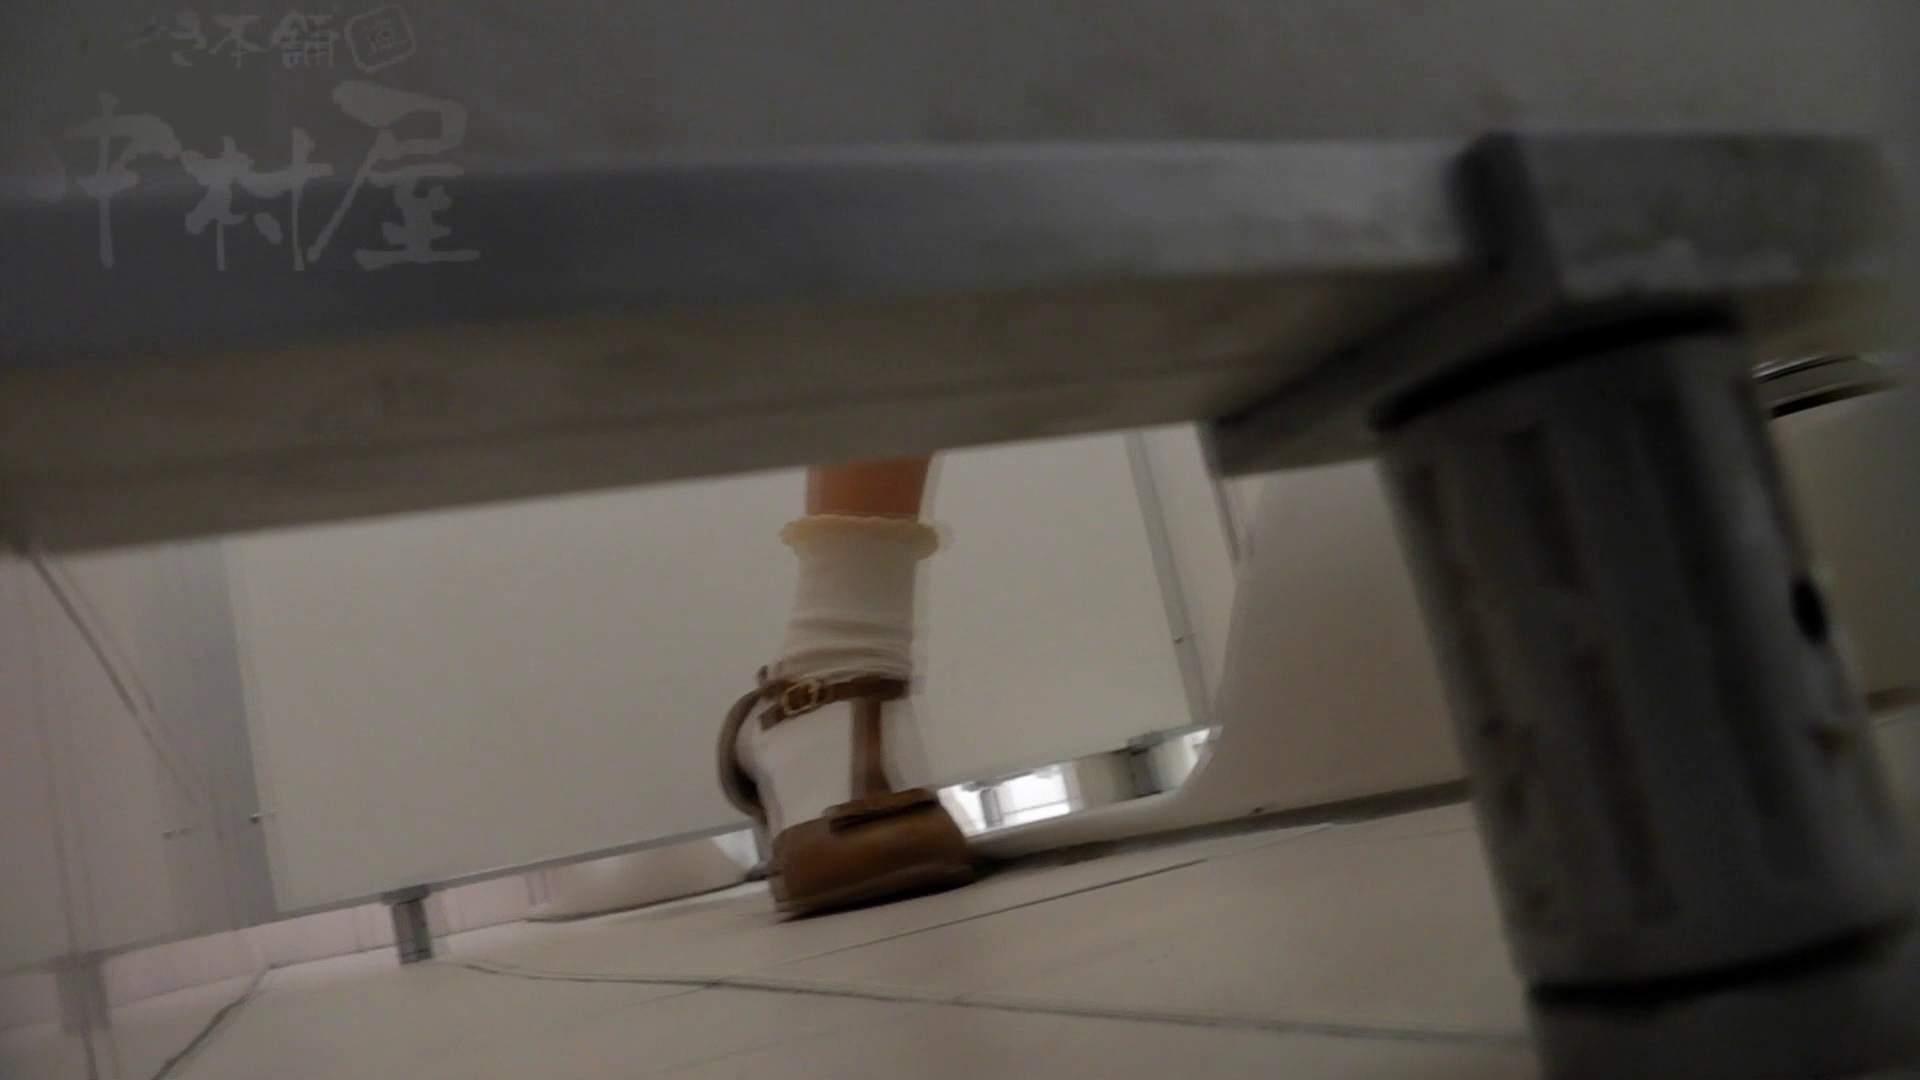 美しい日本の未来 No.06 更に侵入フロント究極な画質 乙女のエロ動画 のぞき動画キャプチャ 75PIX 31